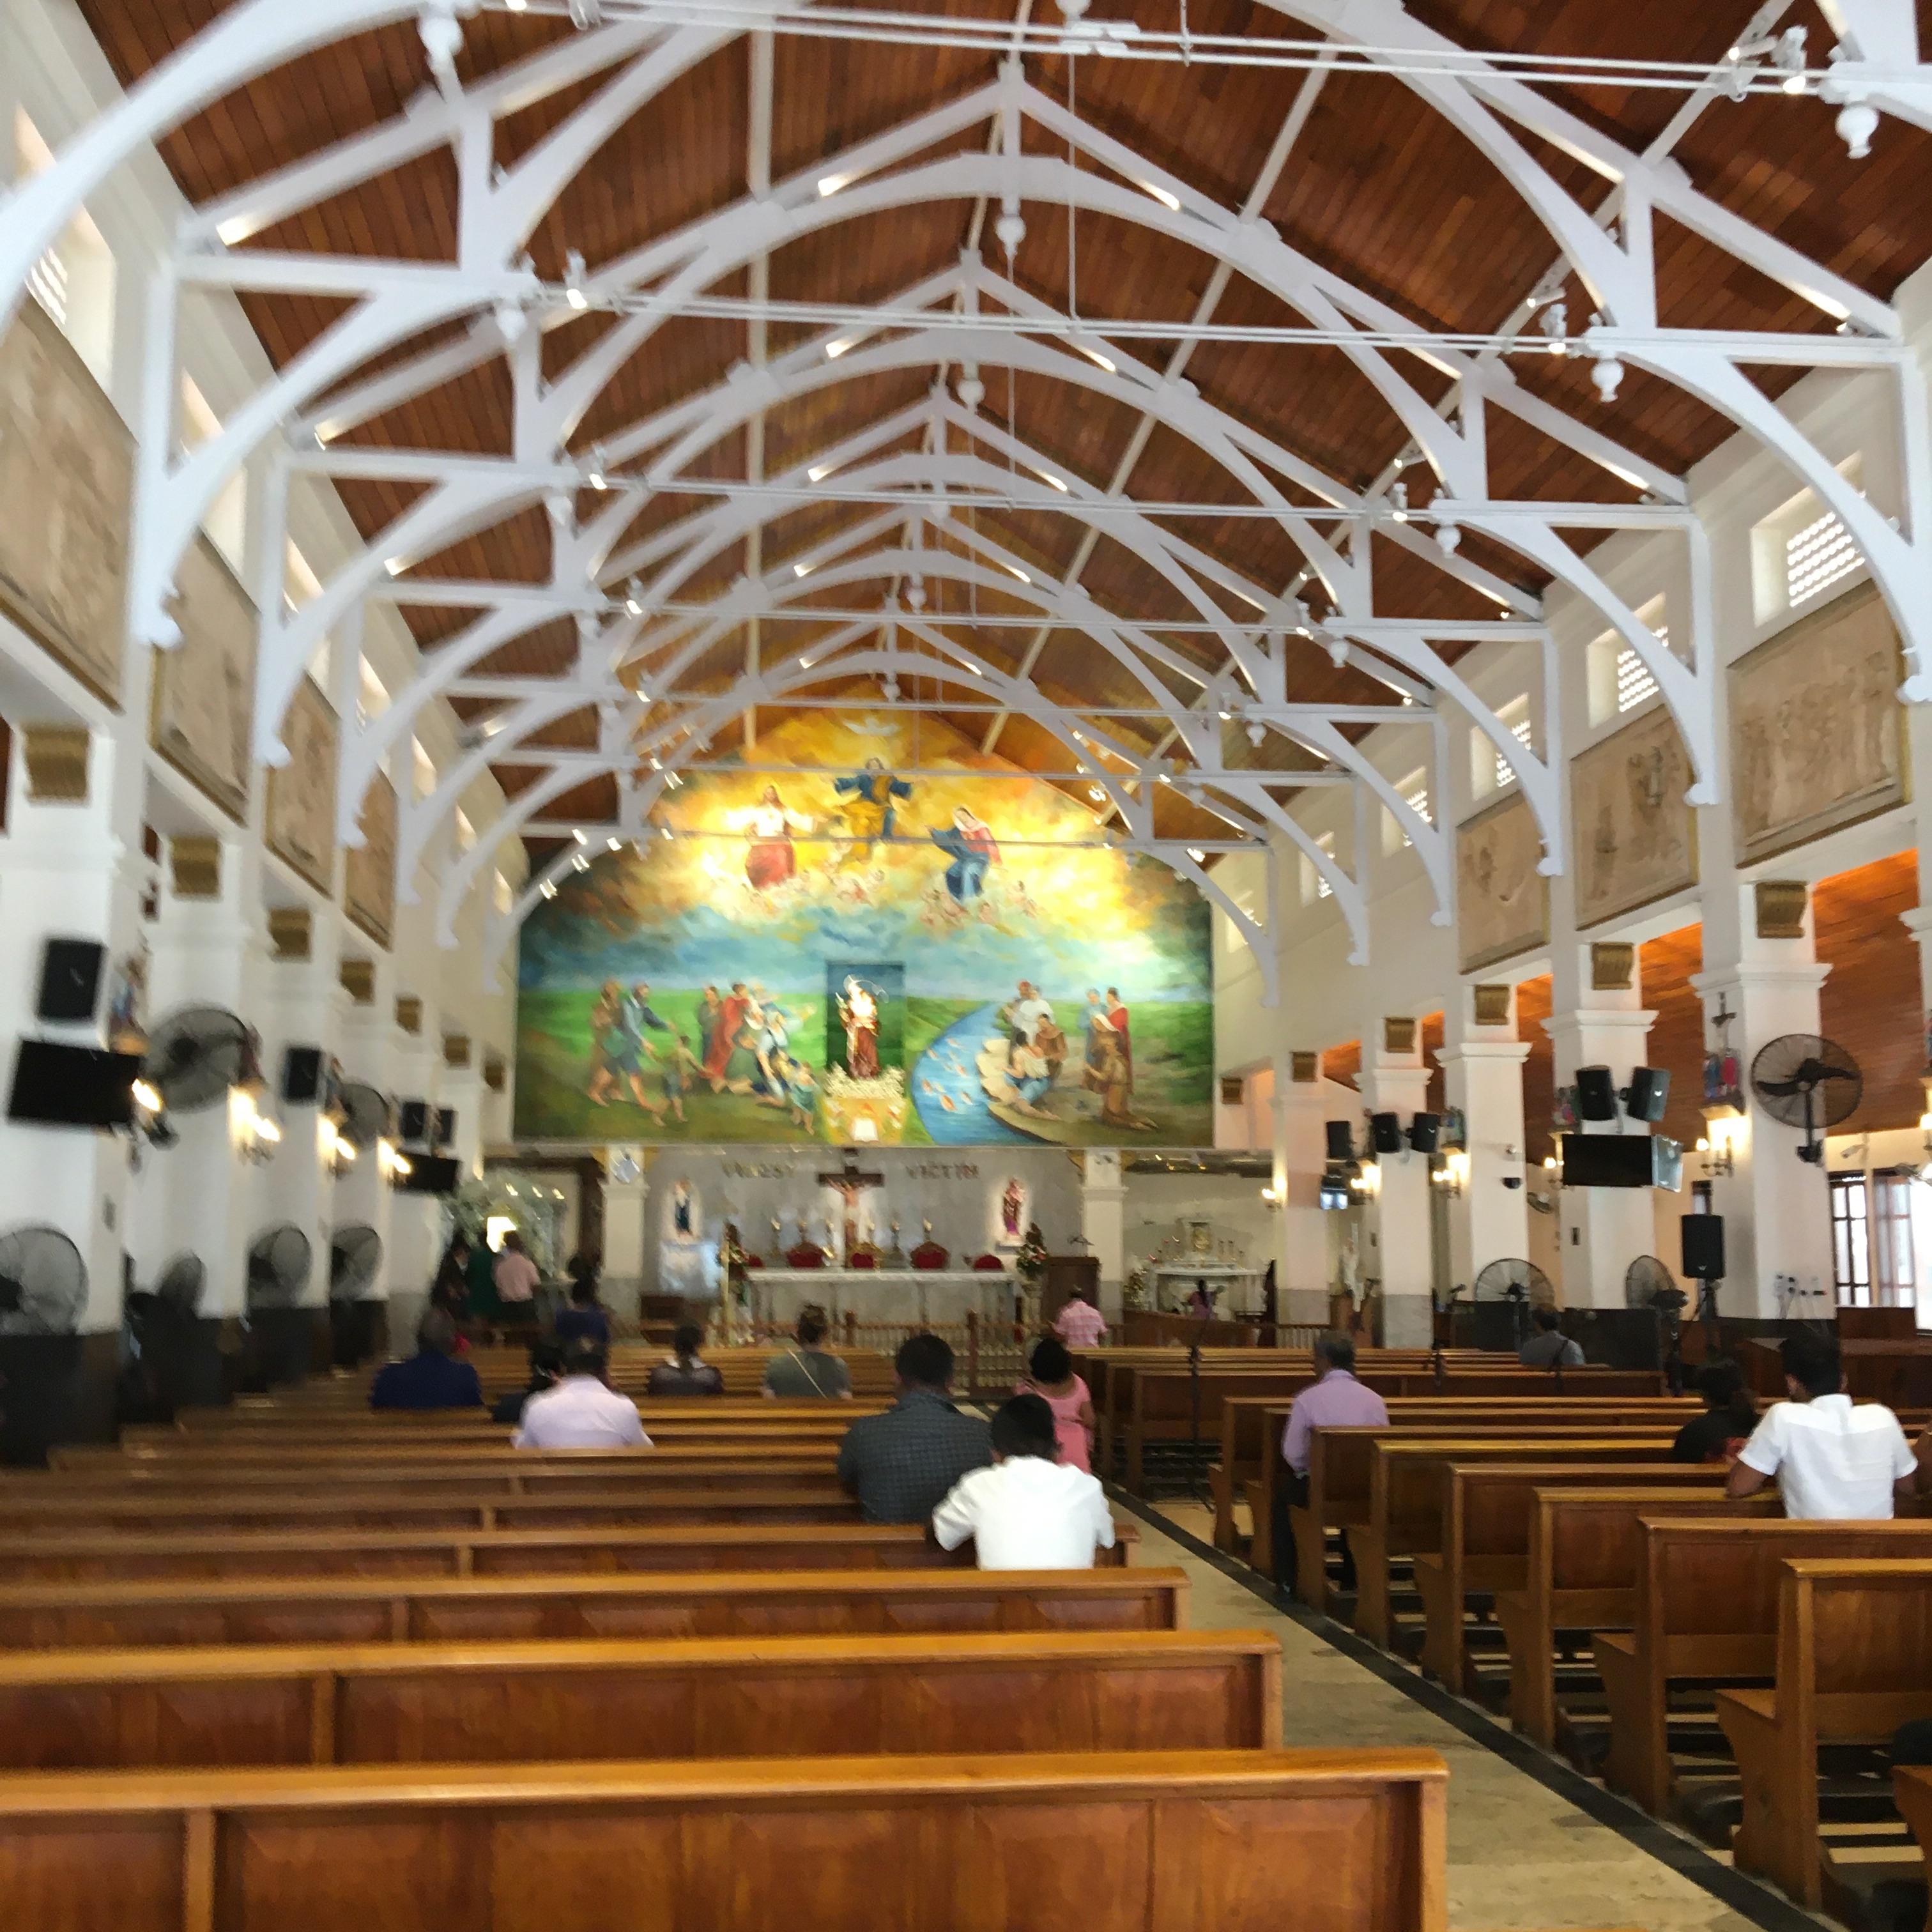 Sri_Lanka_Colombo_Dave_Long-Higgins_IMG-0212.JPG